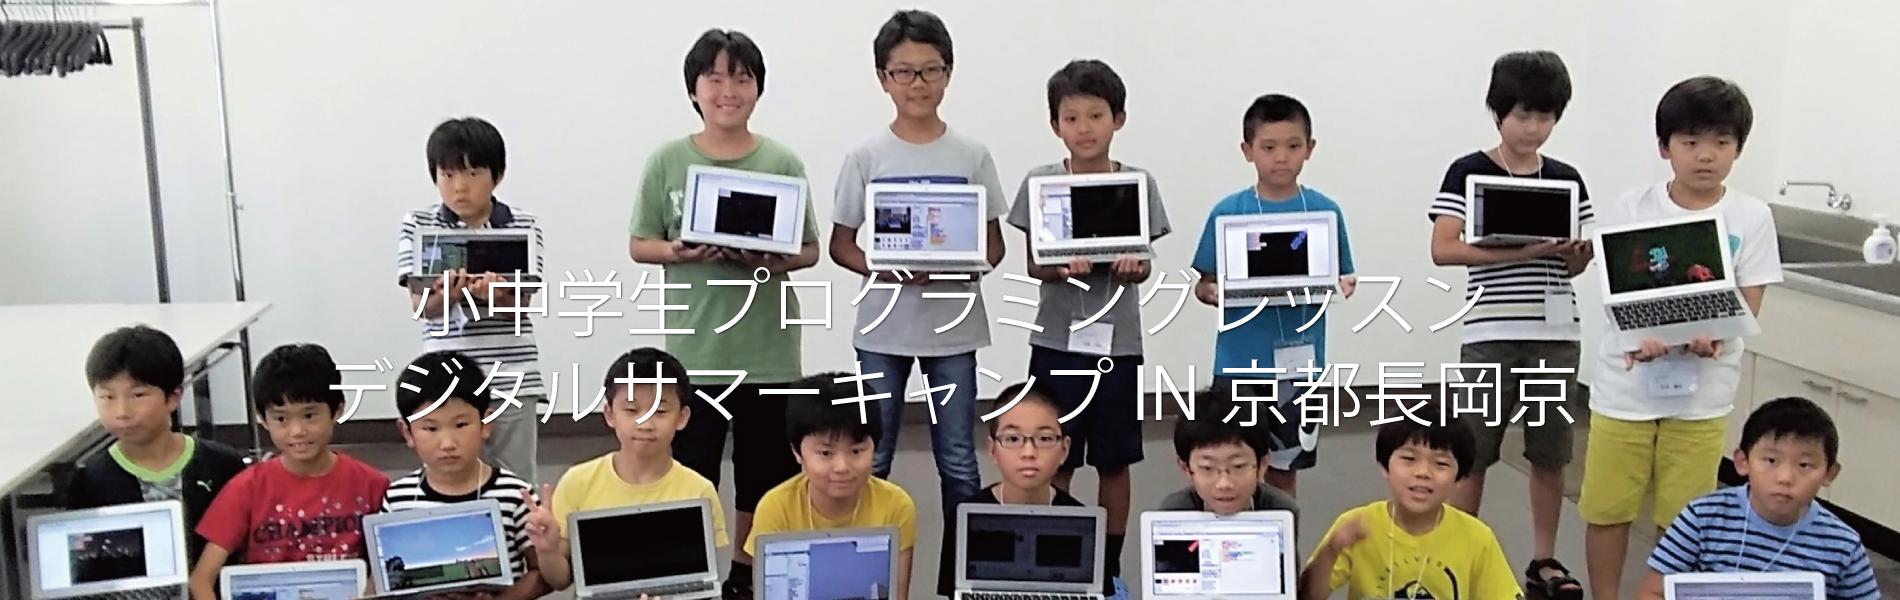 小中学生プログラミング講座